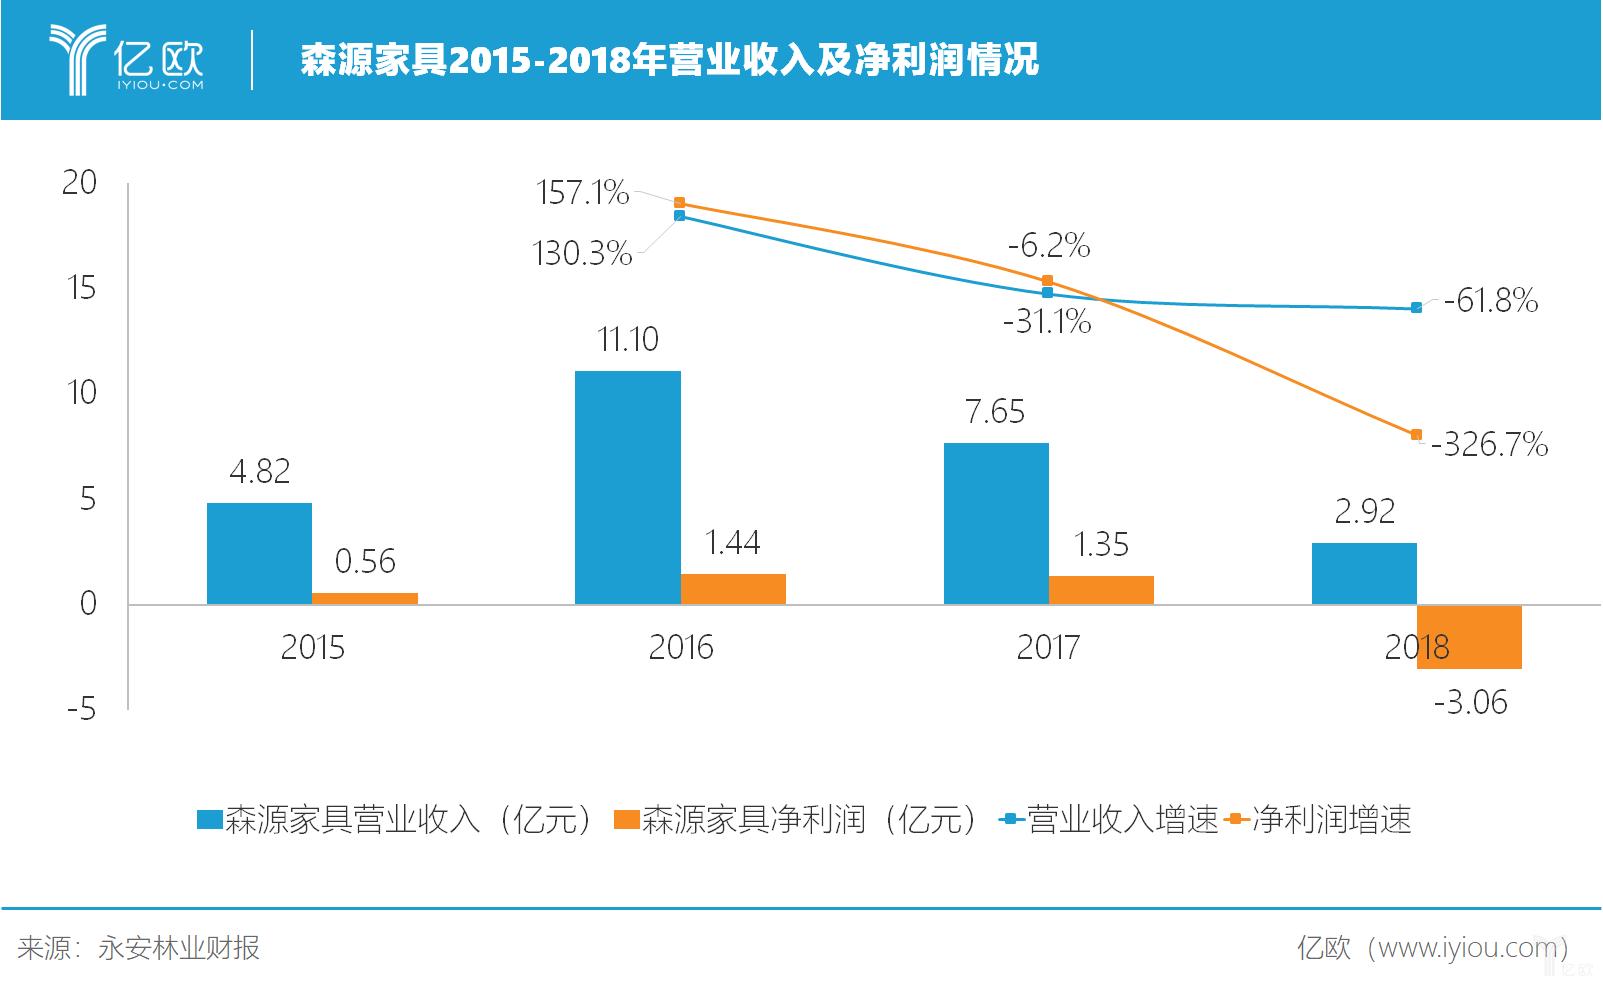 森源家具2015-2018年营业收入及增速情况